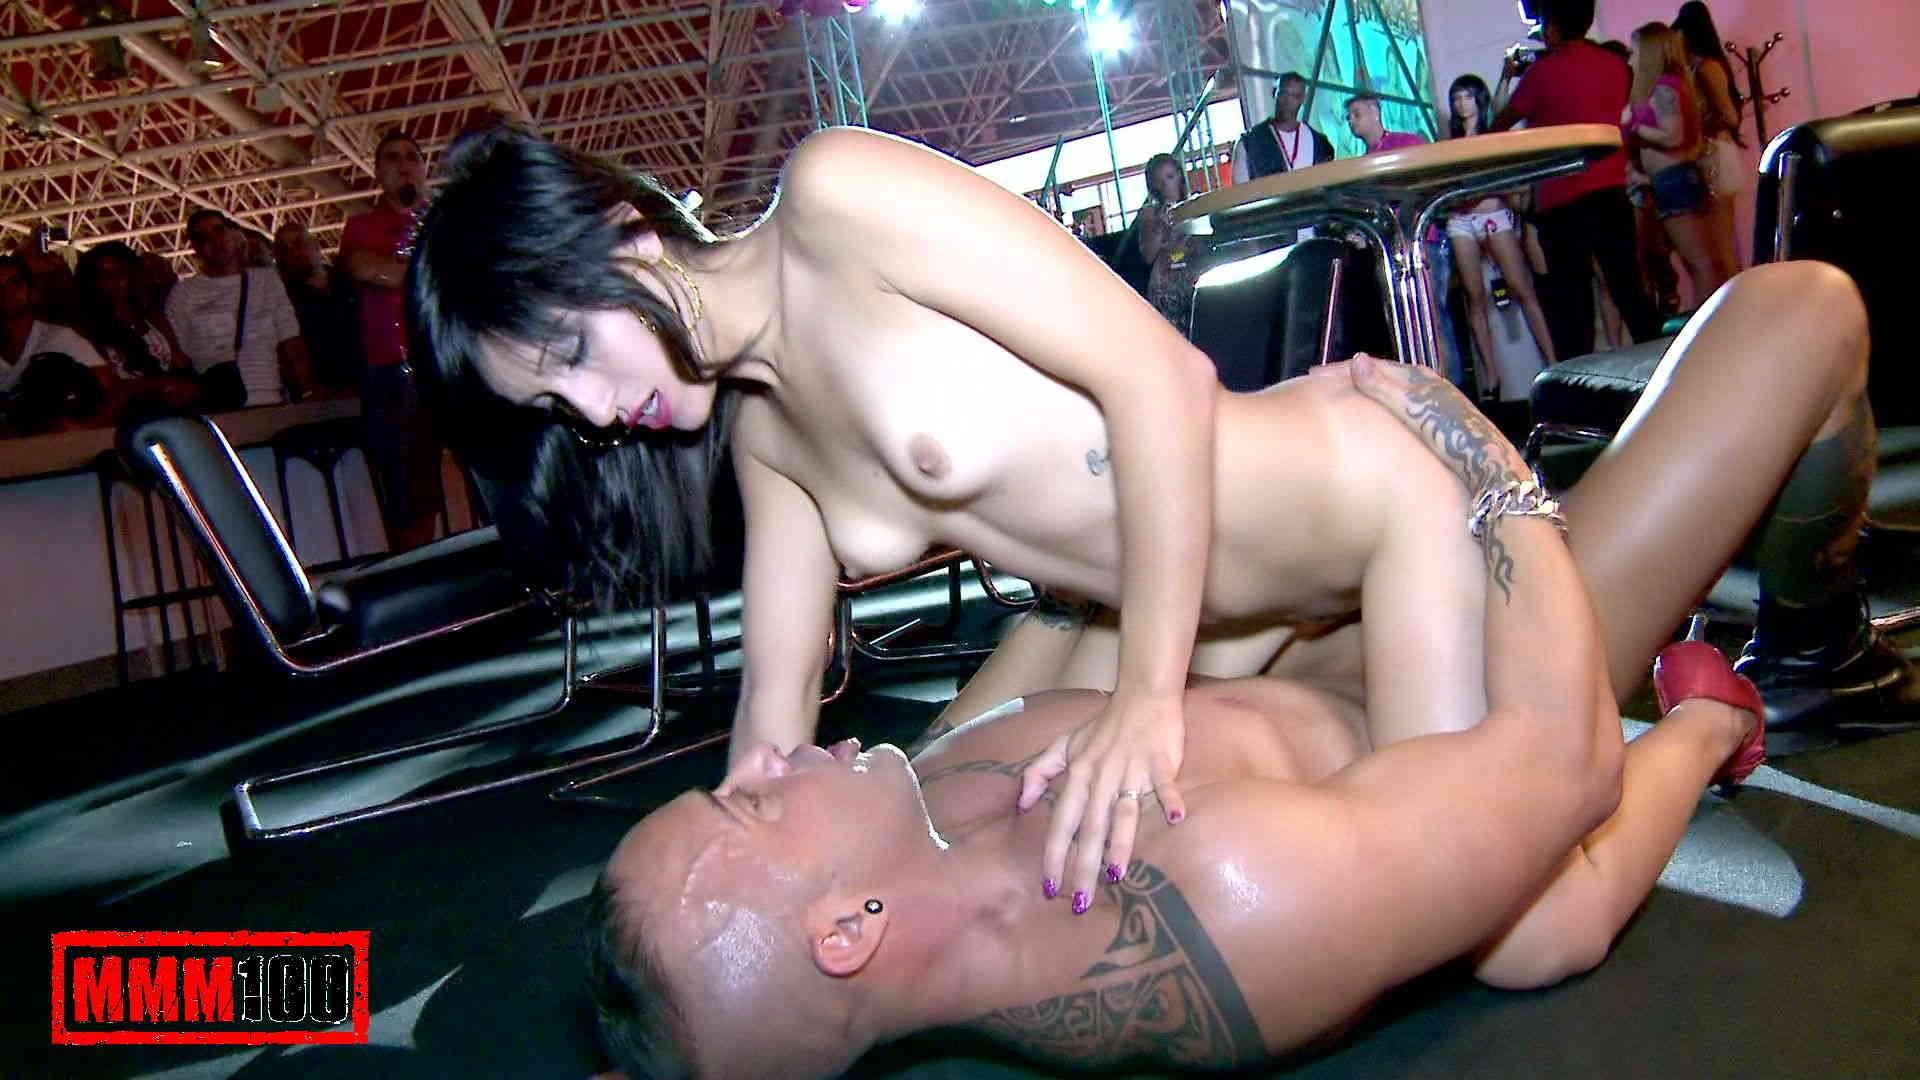 иностранный видео порно чат